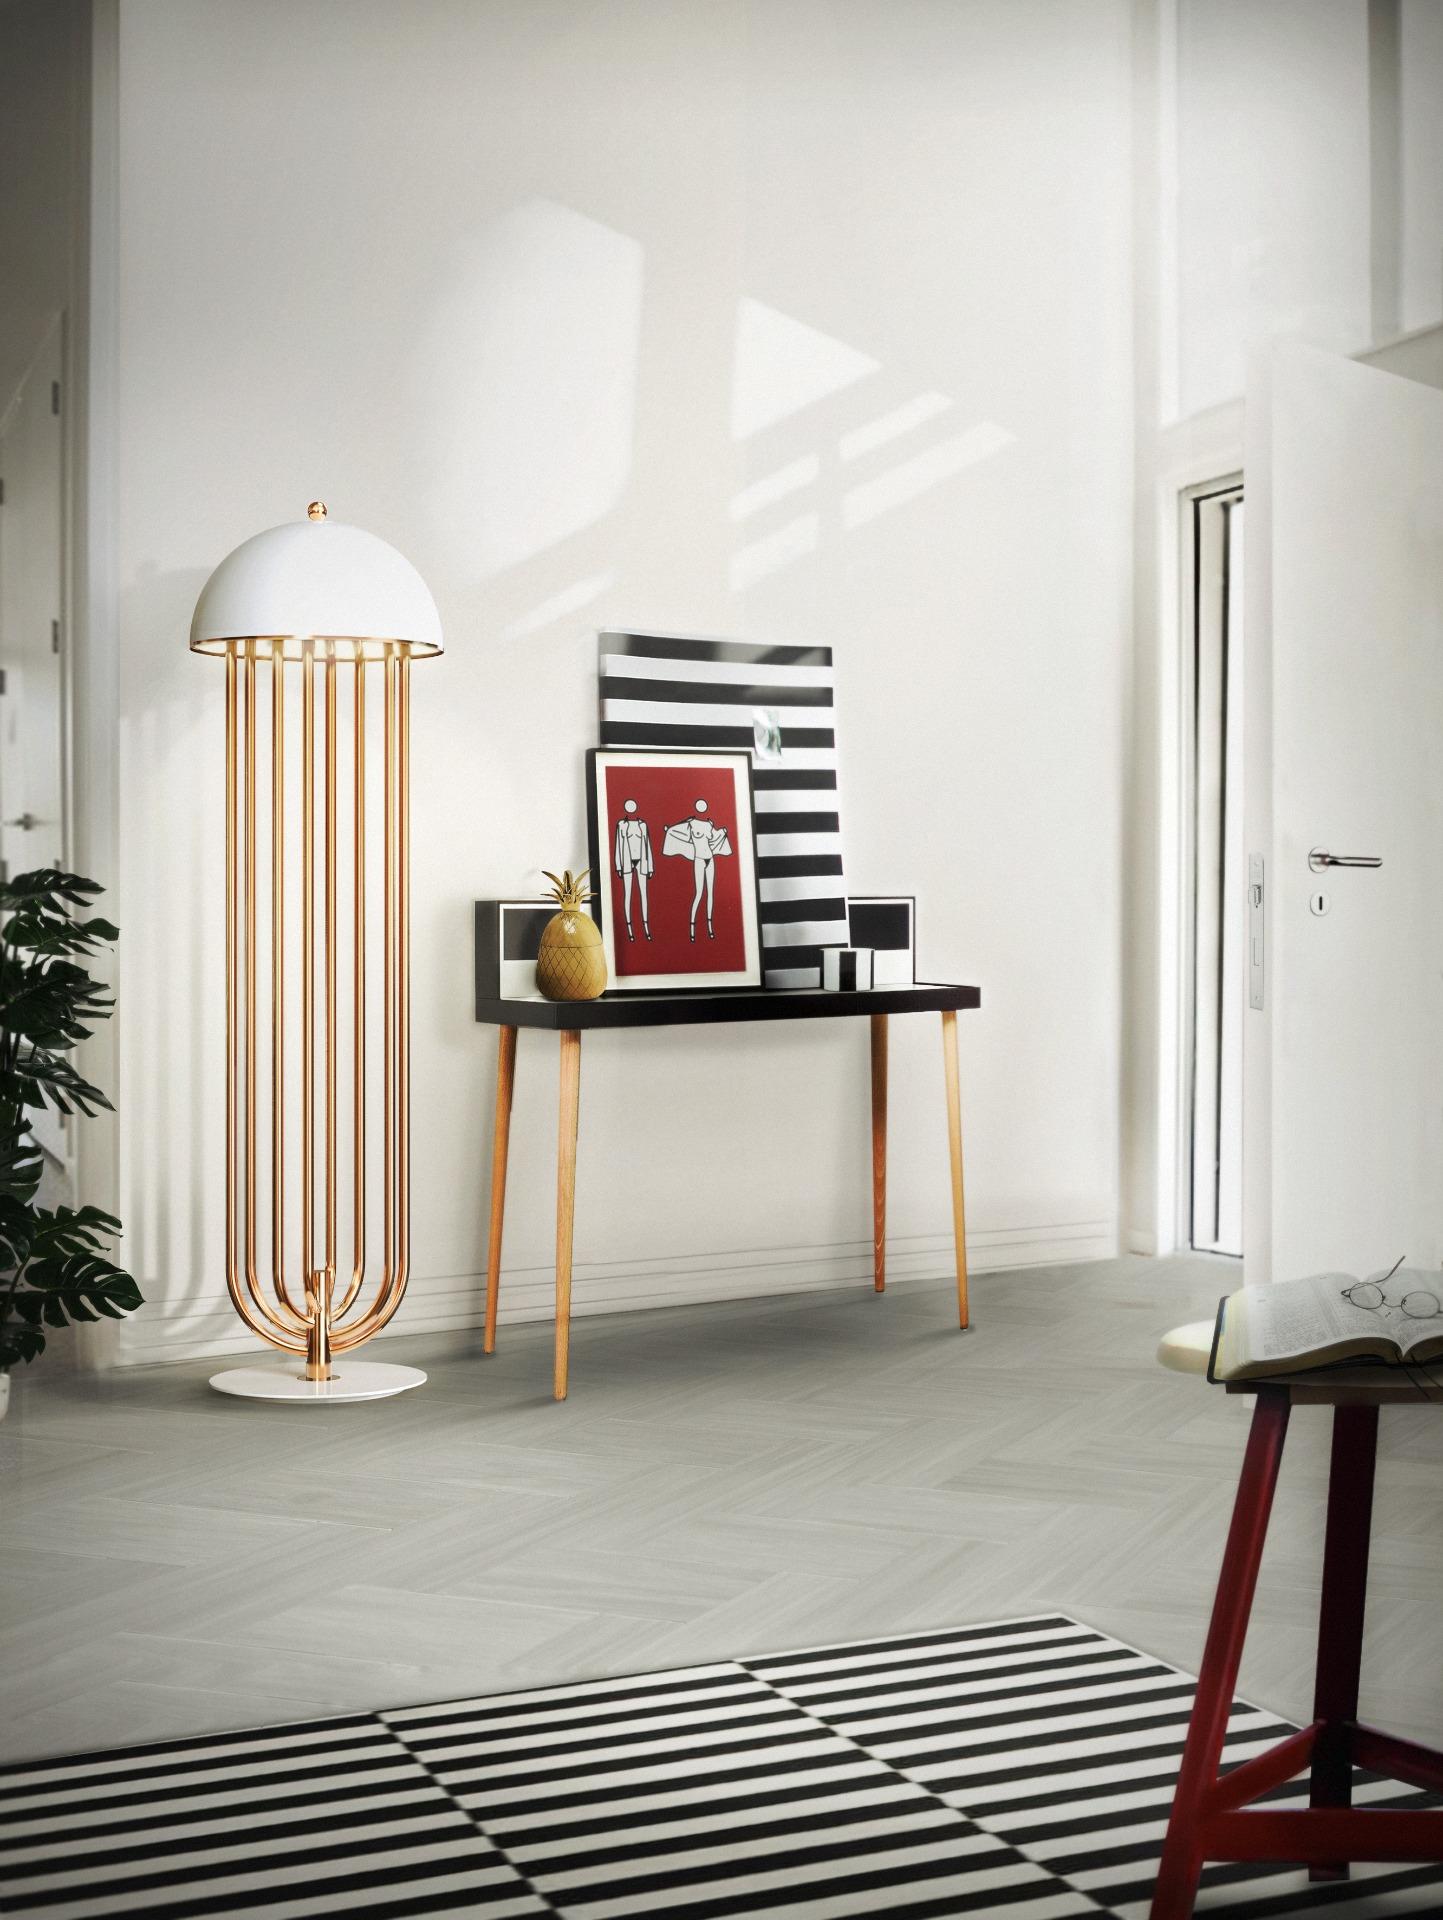 bedroom-lighting-ideas-by-turner-wall-lamp-delightfull-insplosion